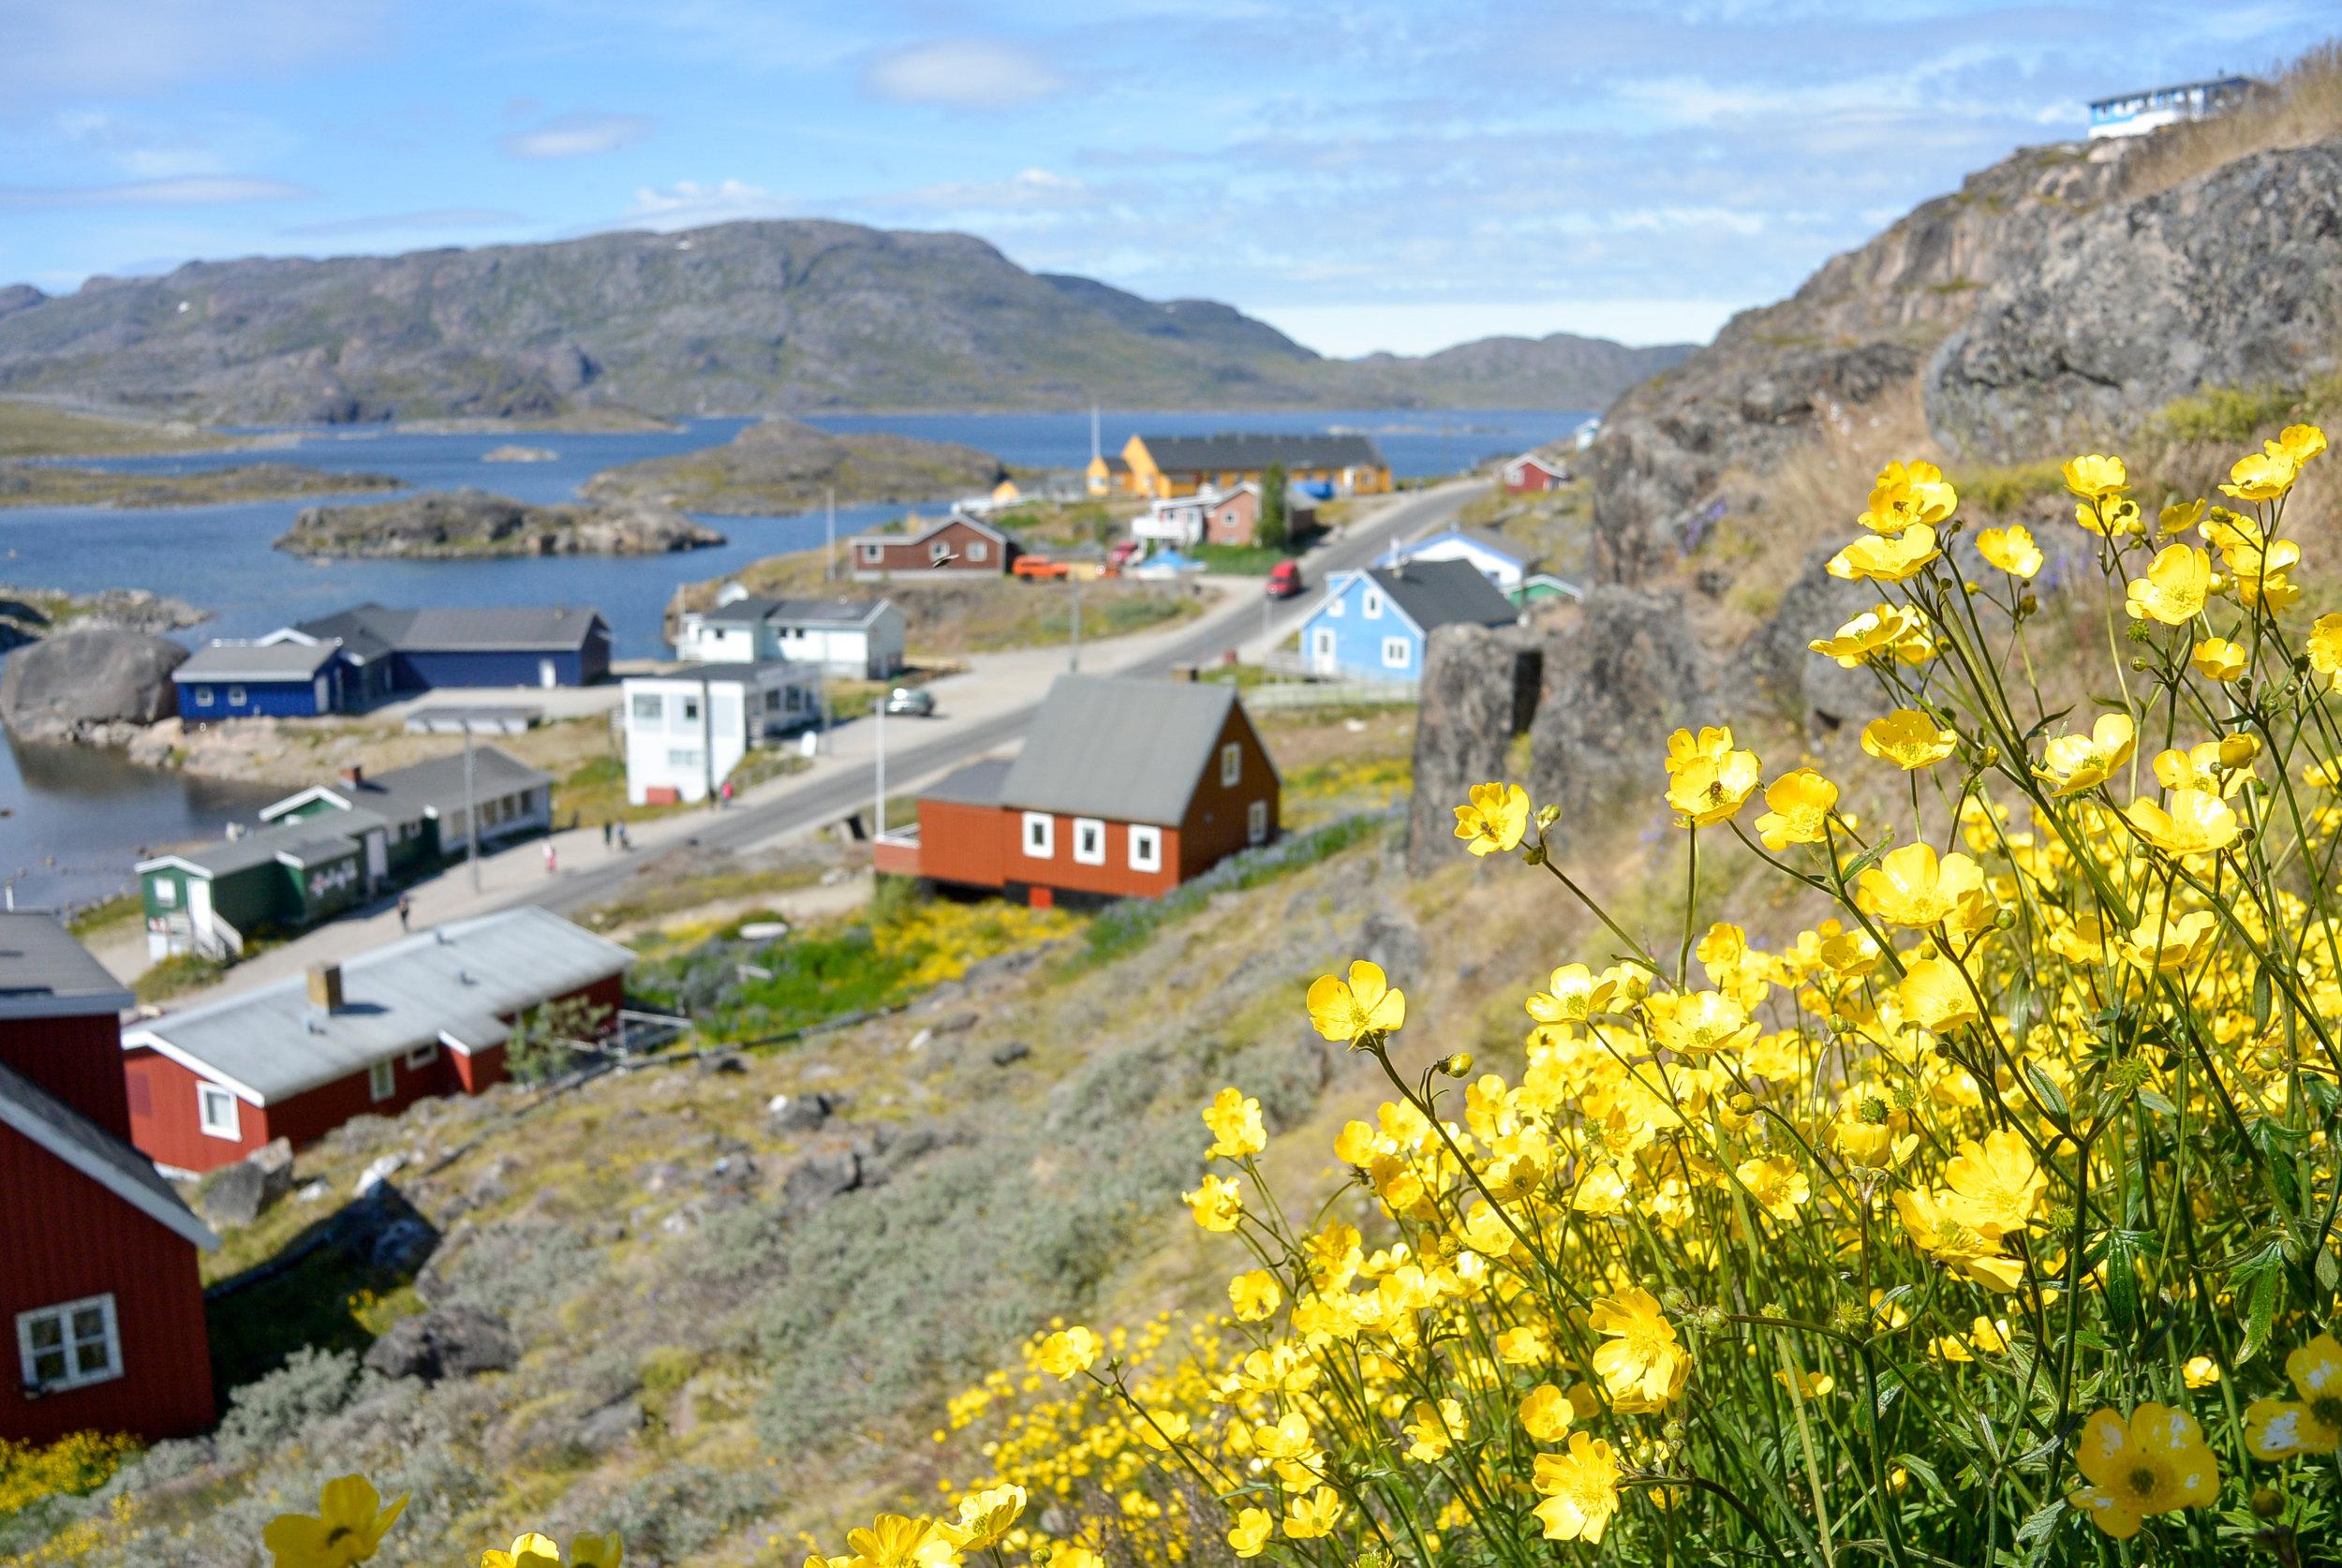 Buttercups blooming on a hill in Qaqortoq